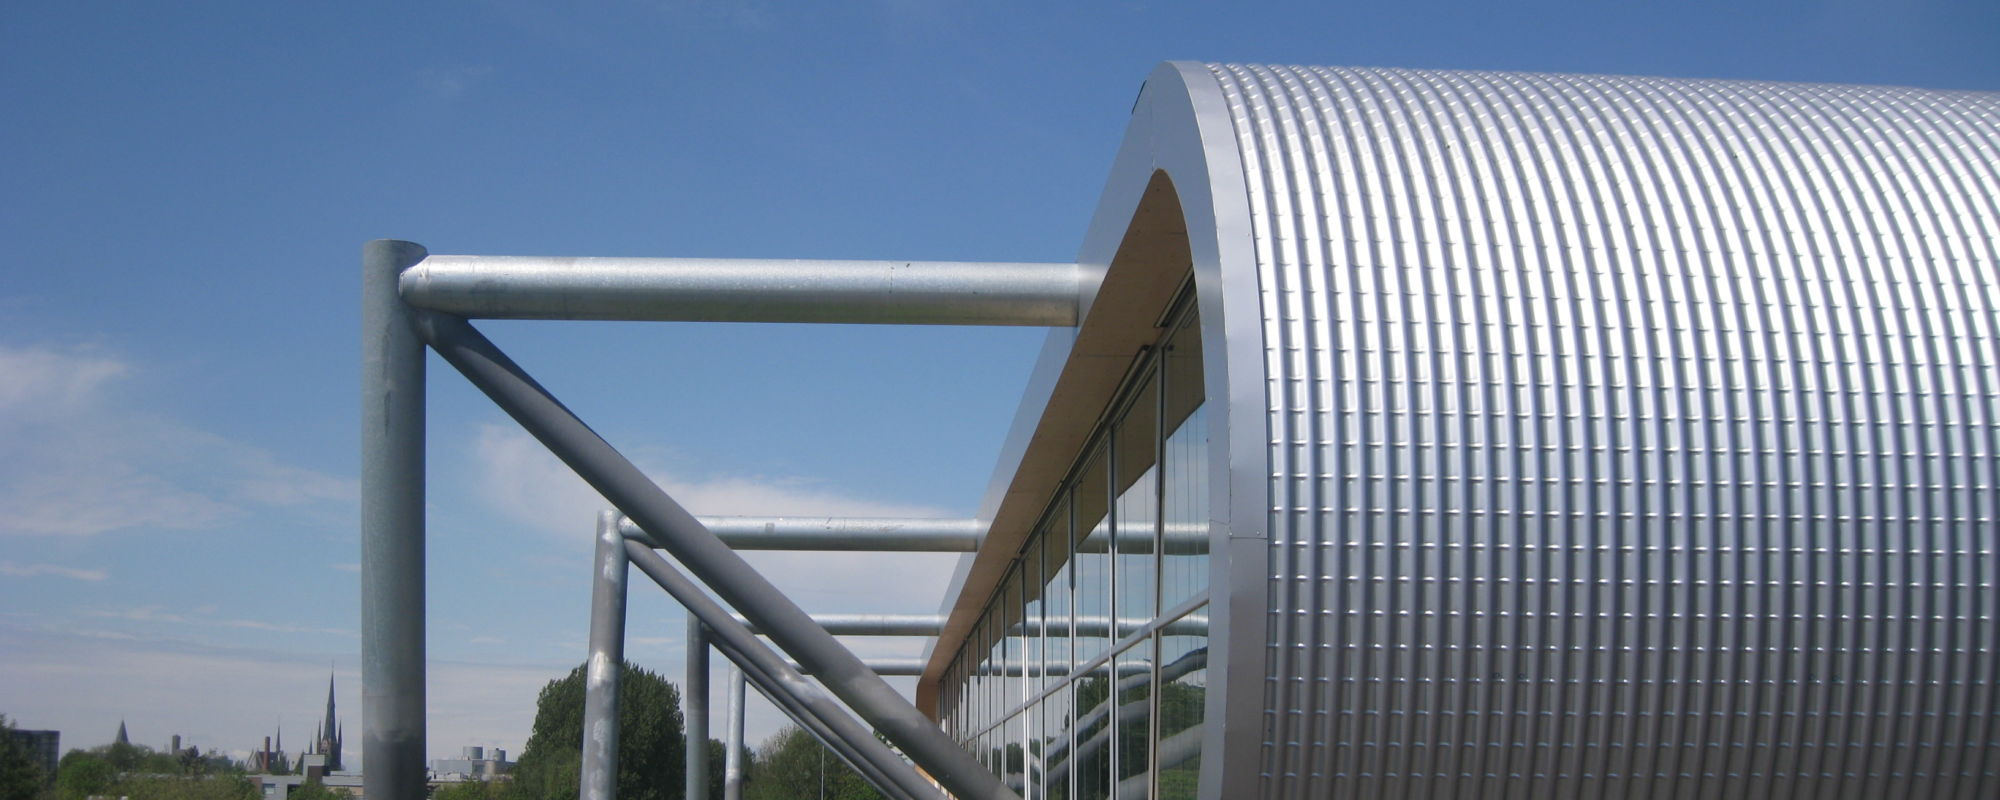 Herman de jong architectuur interieur interieur architect woerden - Bureau van de uitbreiding ...